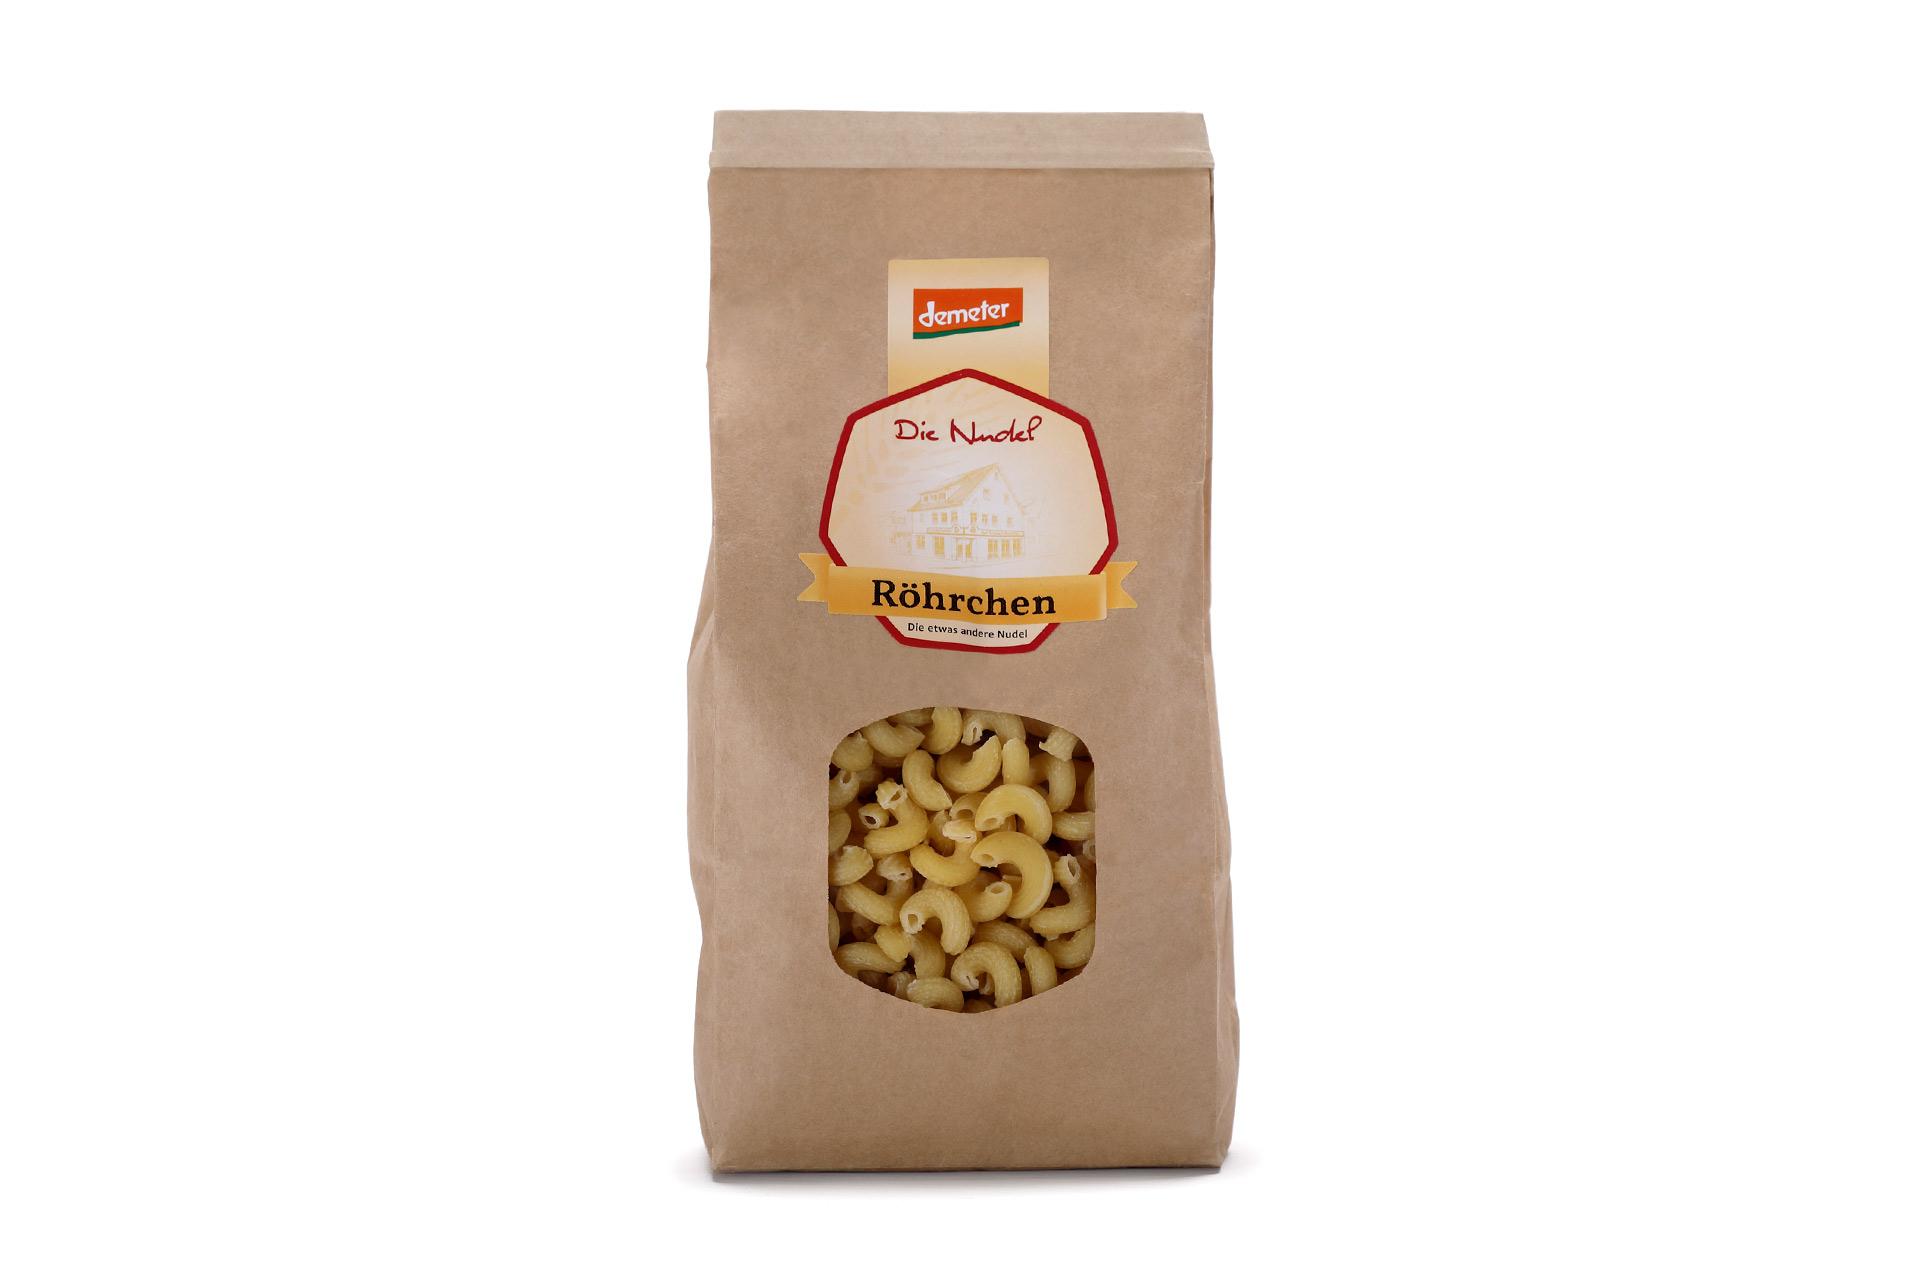 Roehrchennudel-Hartweizengriess-bio-Verpackung-ksg